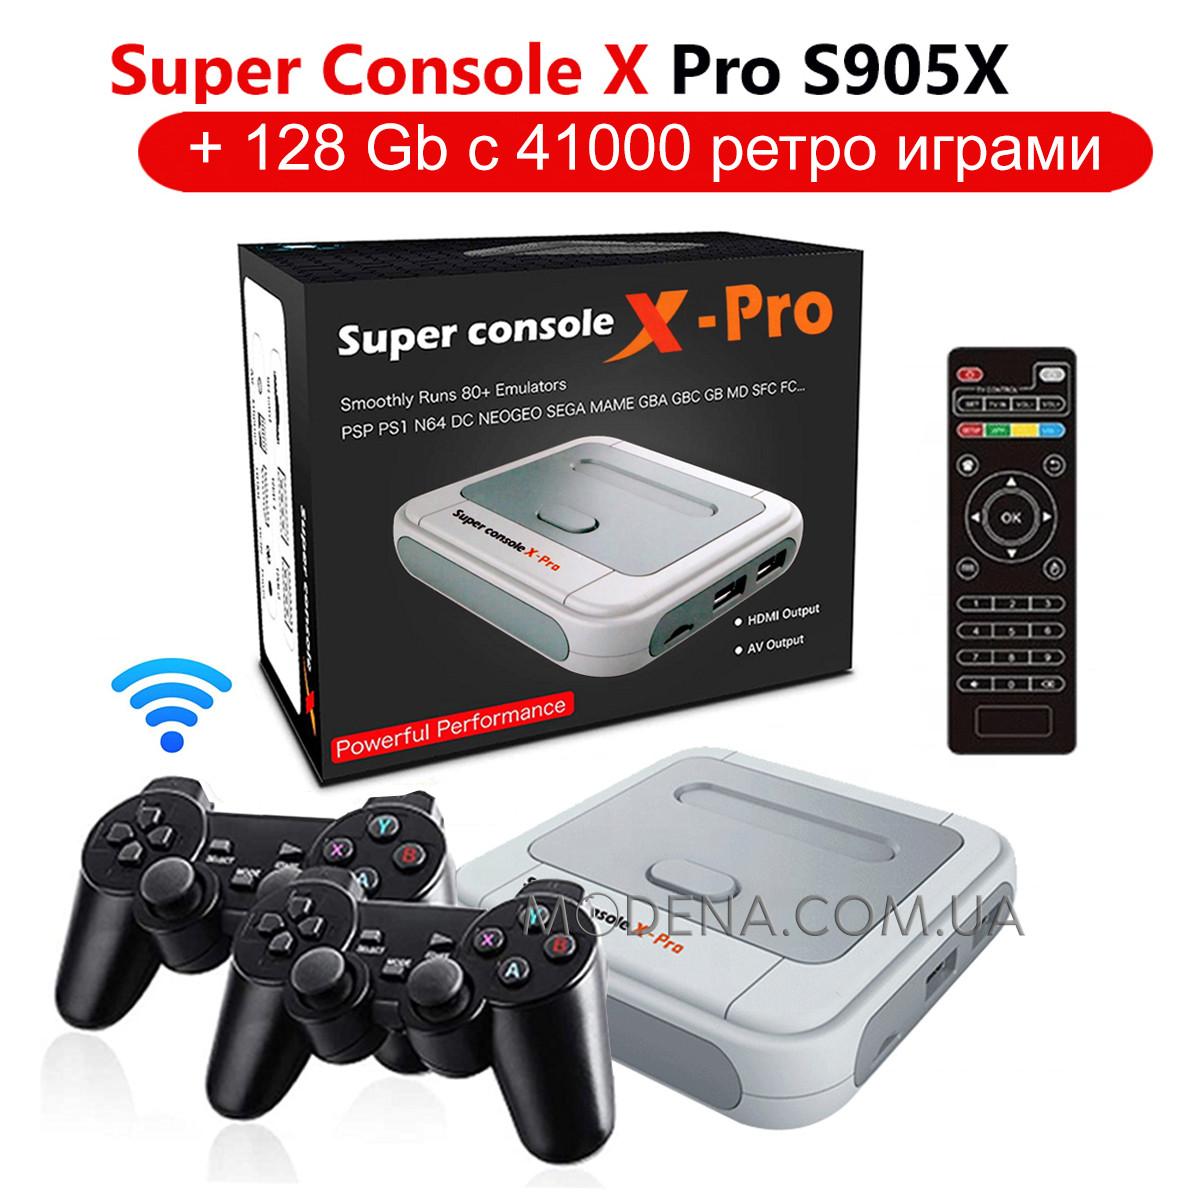 Ігрова приставка X PRO S905X HDMI 128Gb | 41000 ретро ігор